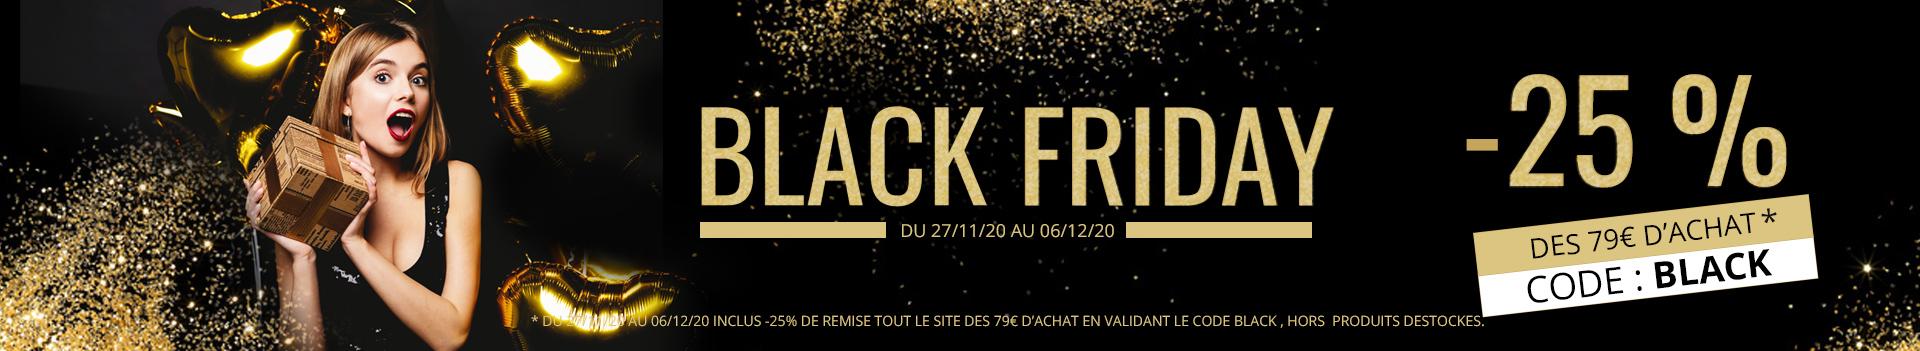 BLACK FRIDAY BIJOUX ! -25% dès 79€ d'achats hors catégorie destockage